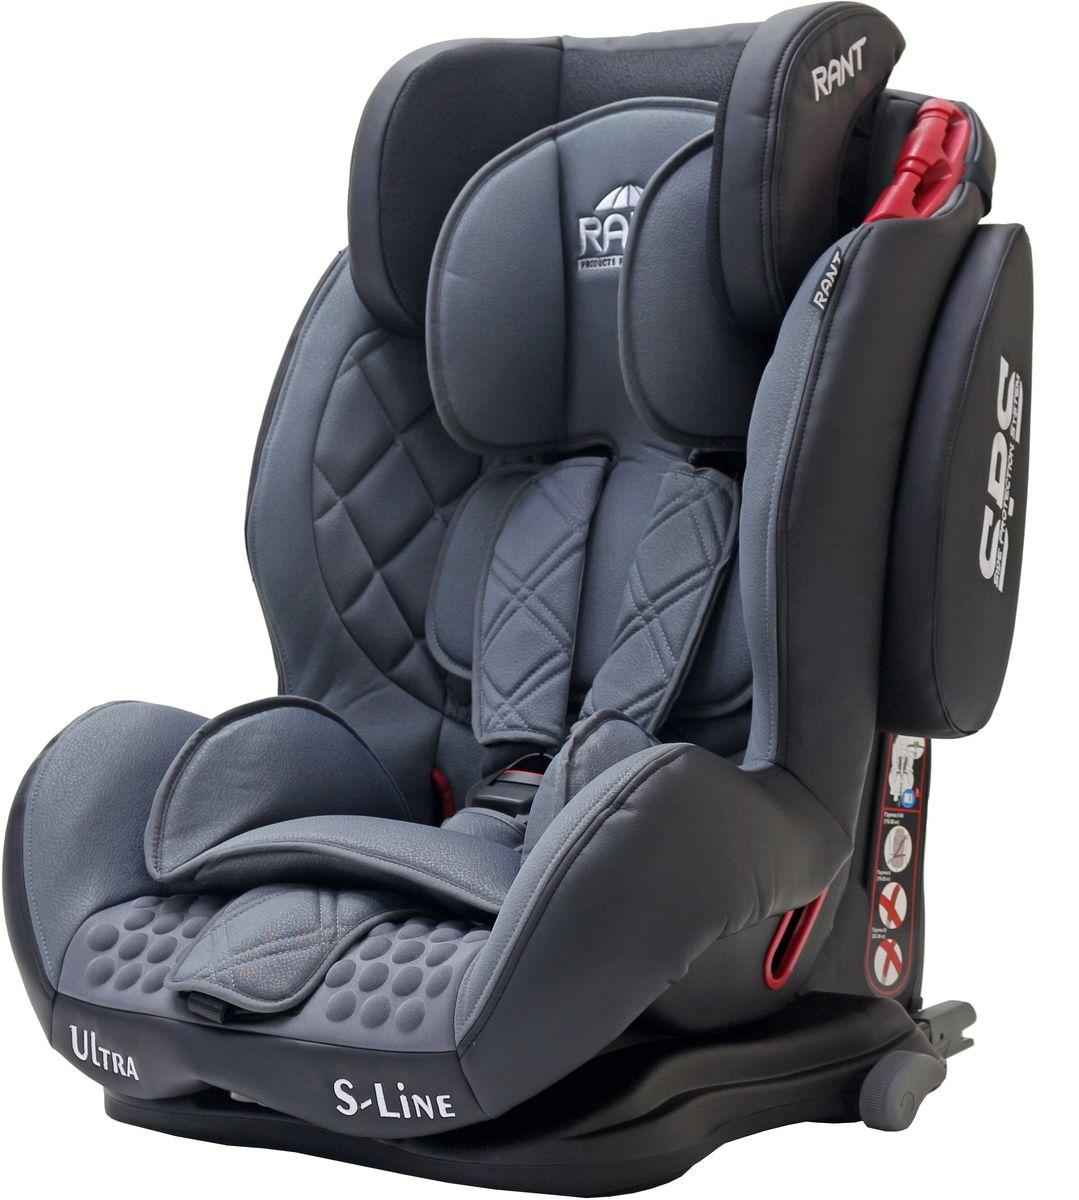 Rant Автокресло Ultra Isofix цвет серый от 9 до 36 кг - Автокресла и аксессуары